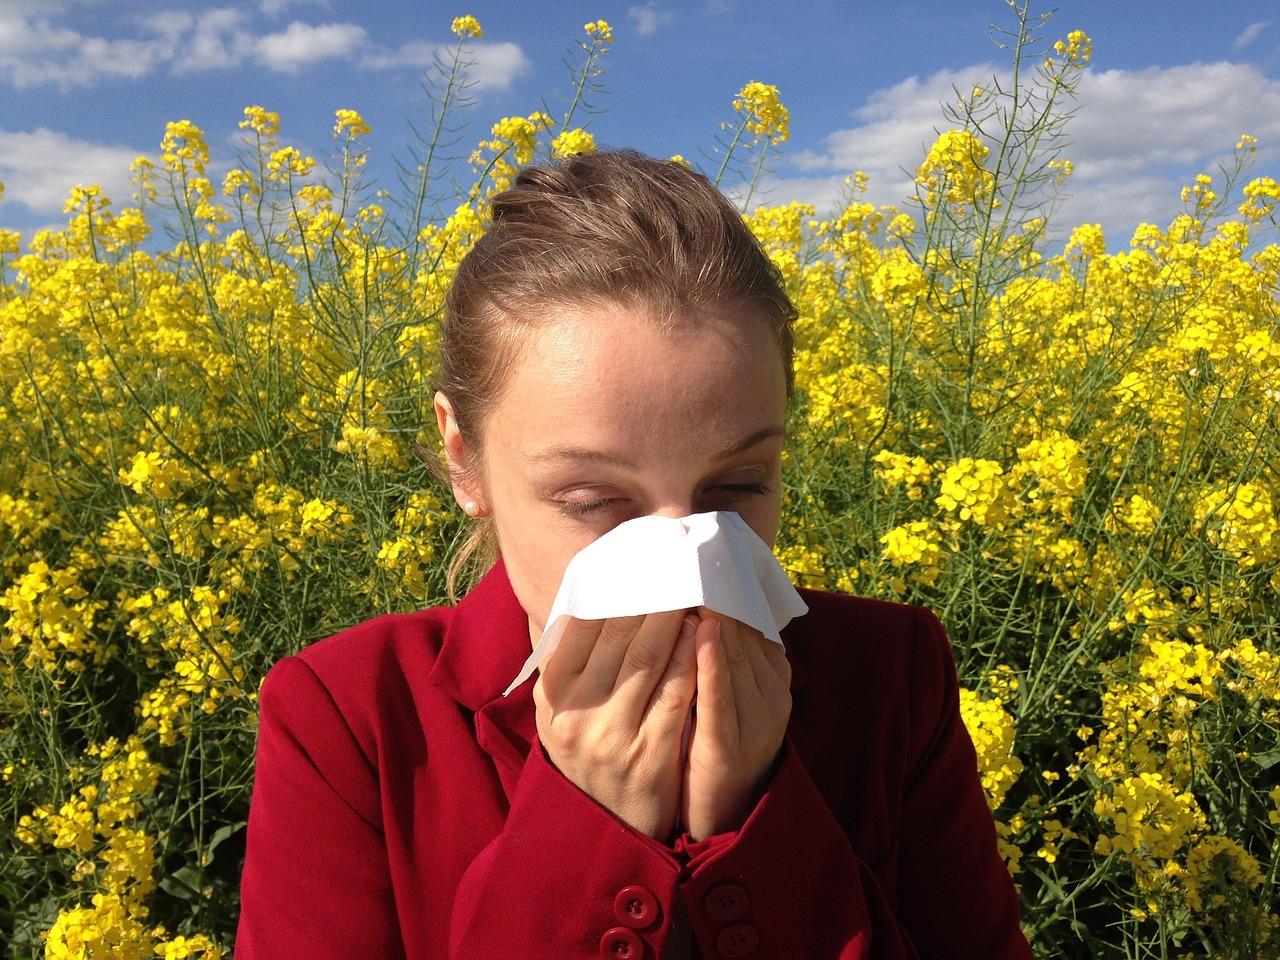 allergy-1738191_1280.jpg